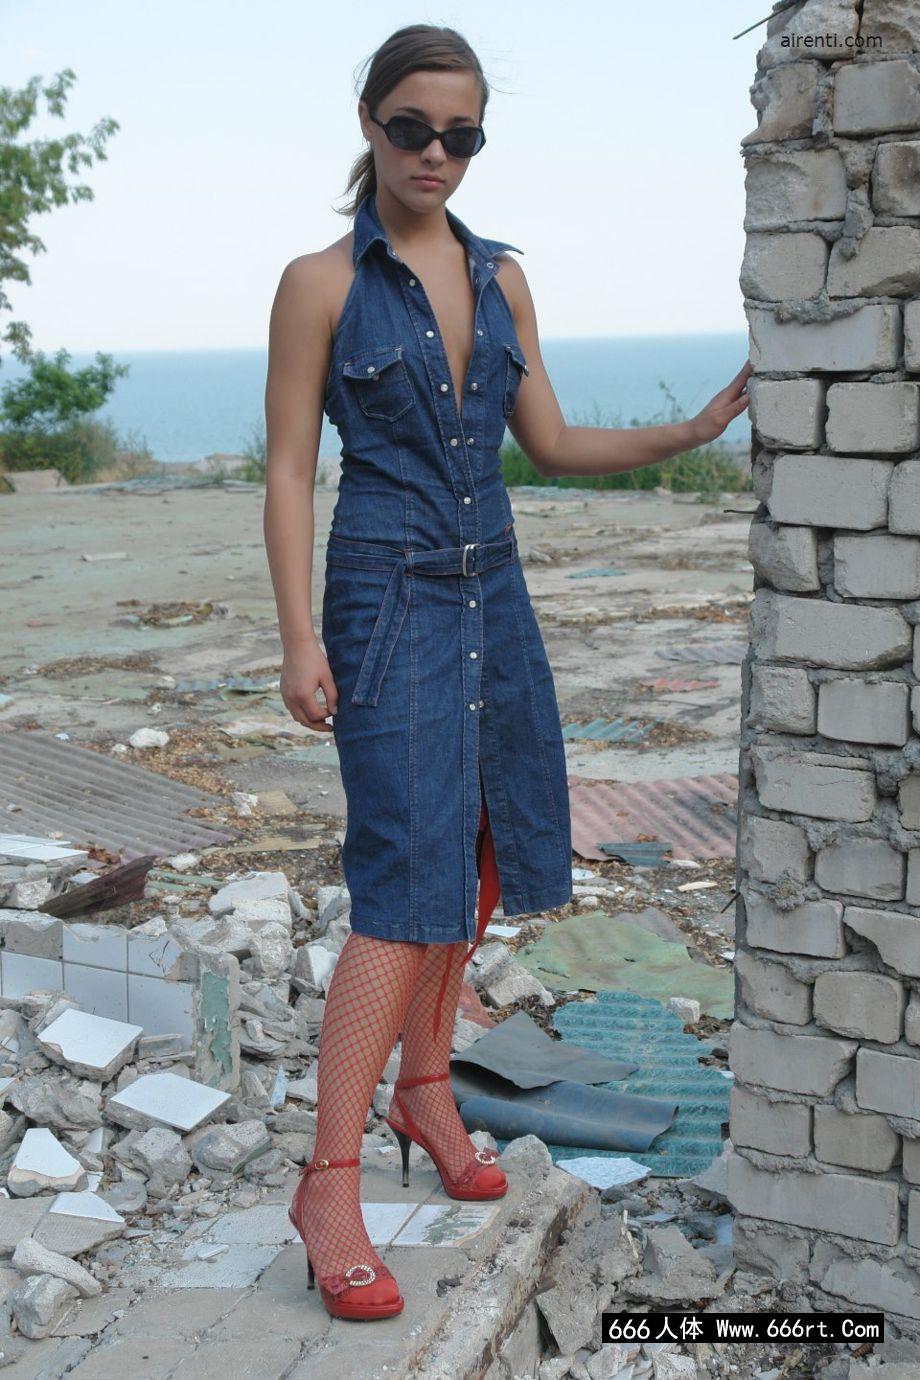 欧洲裸模玛吉身穿渔网装外拍人体艺术